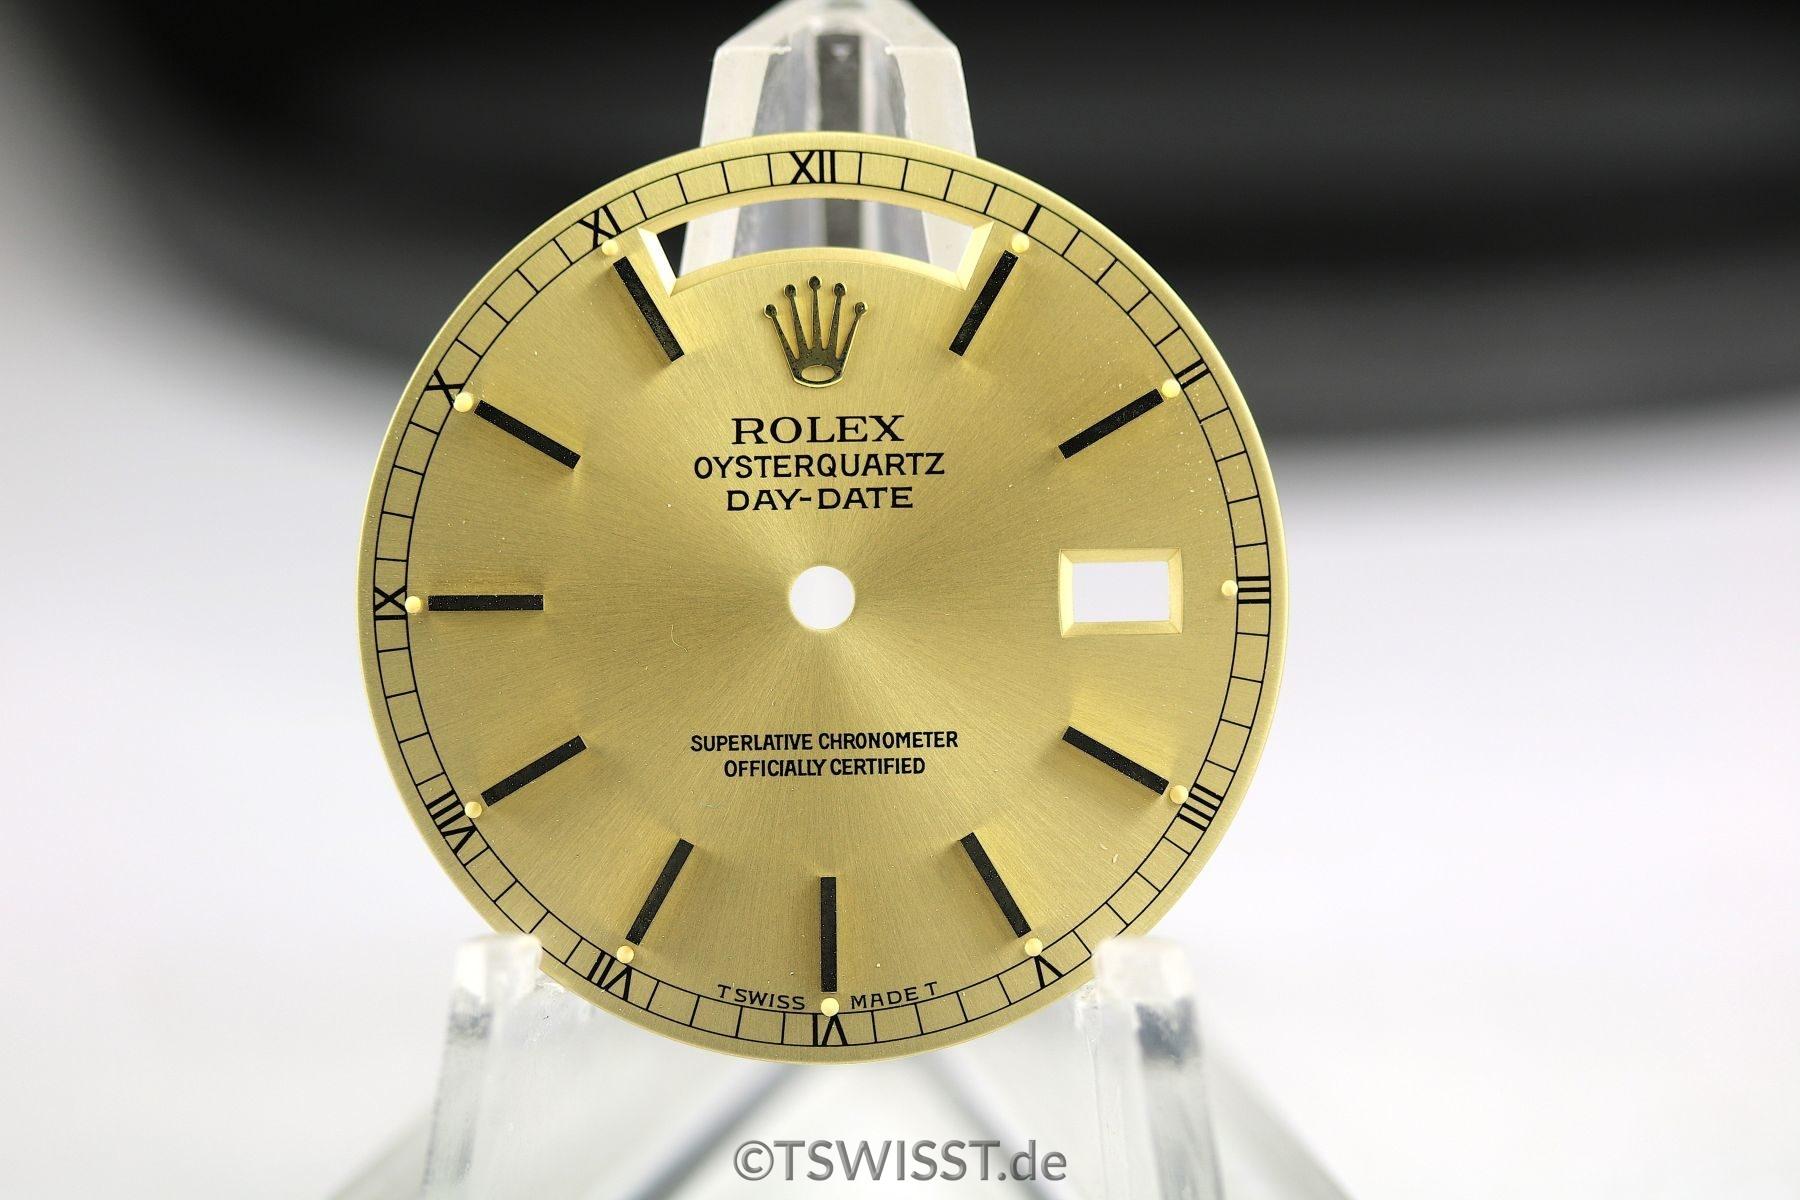 Rolex Daydate Oysterquartz dial